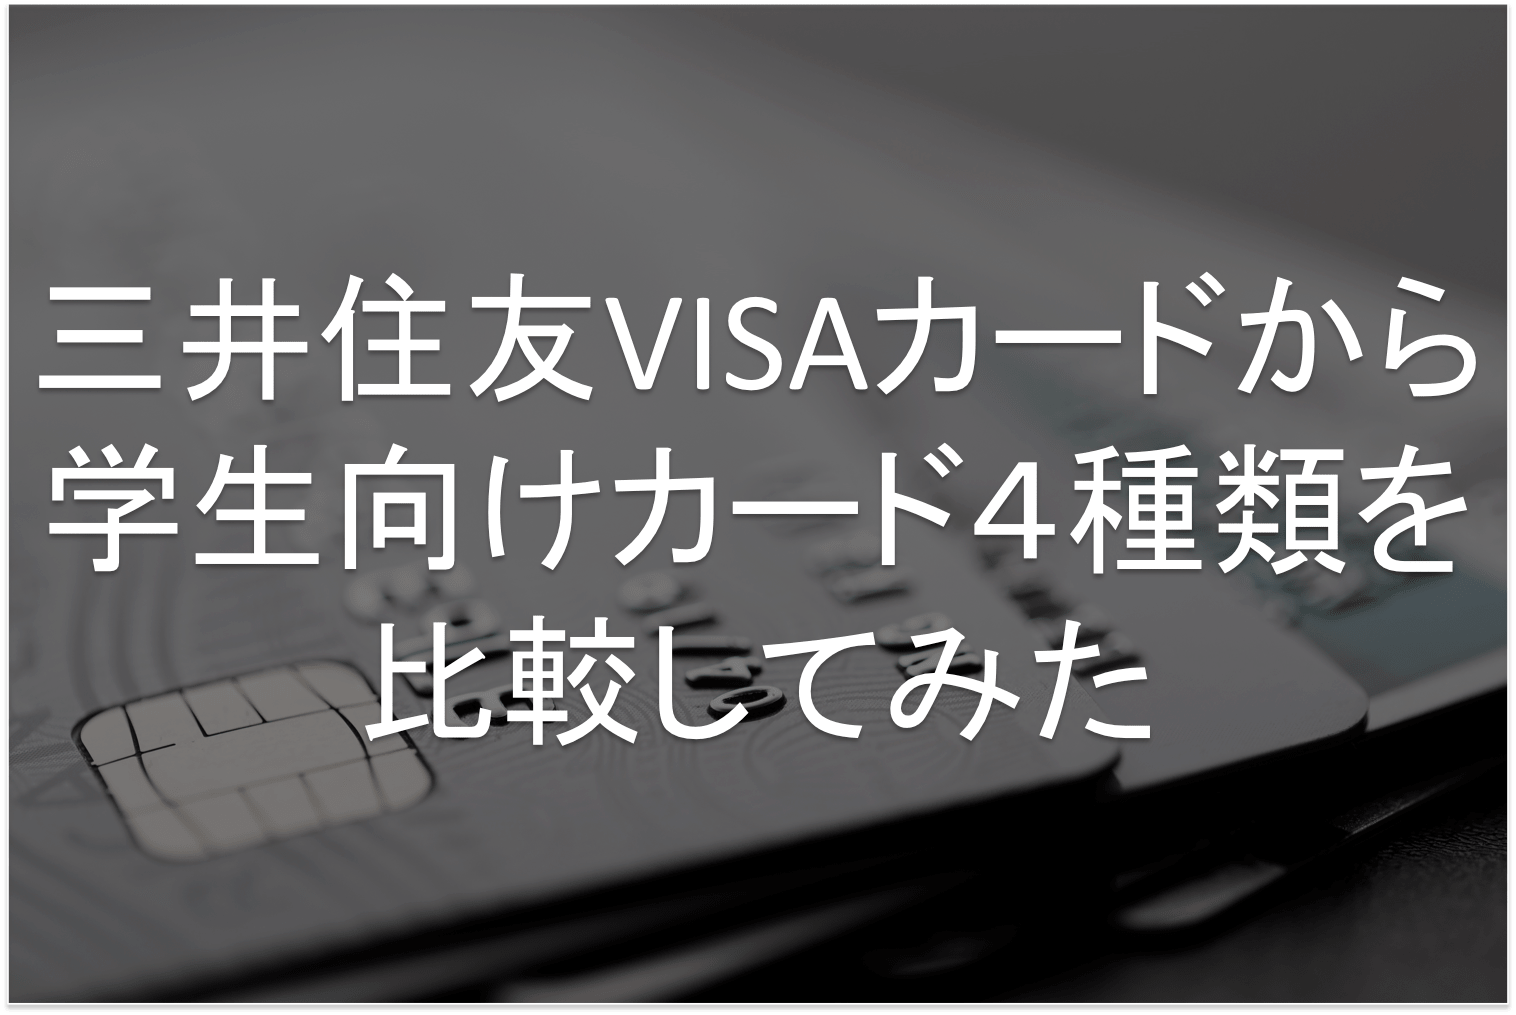 三井住友VISAカード 学生